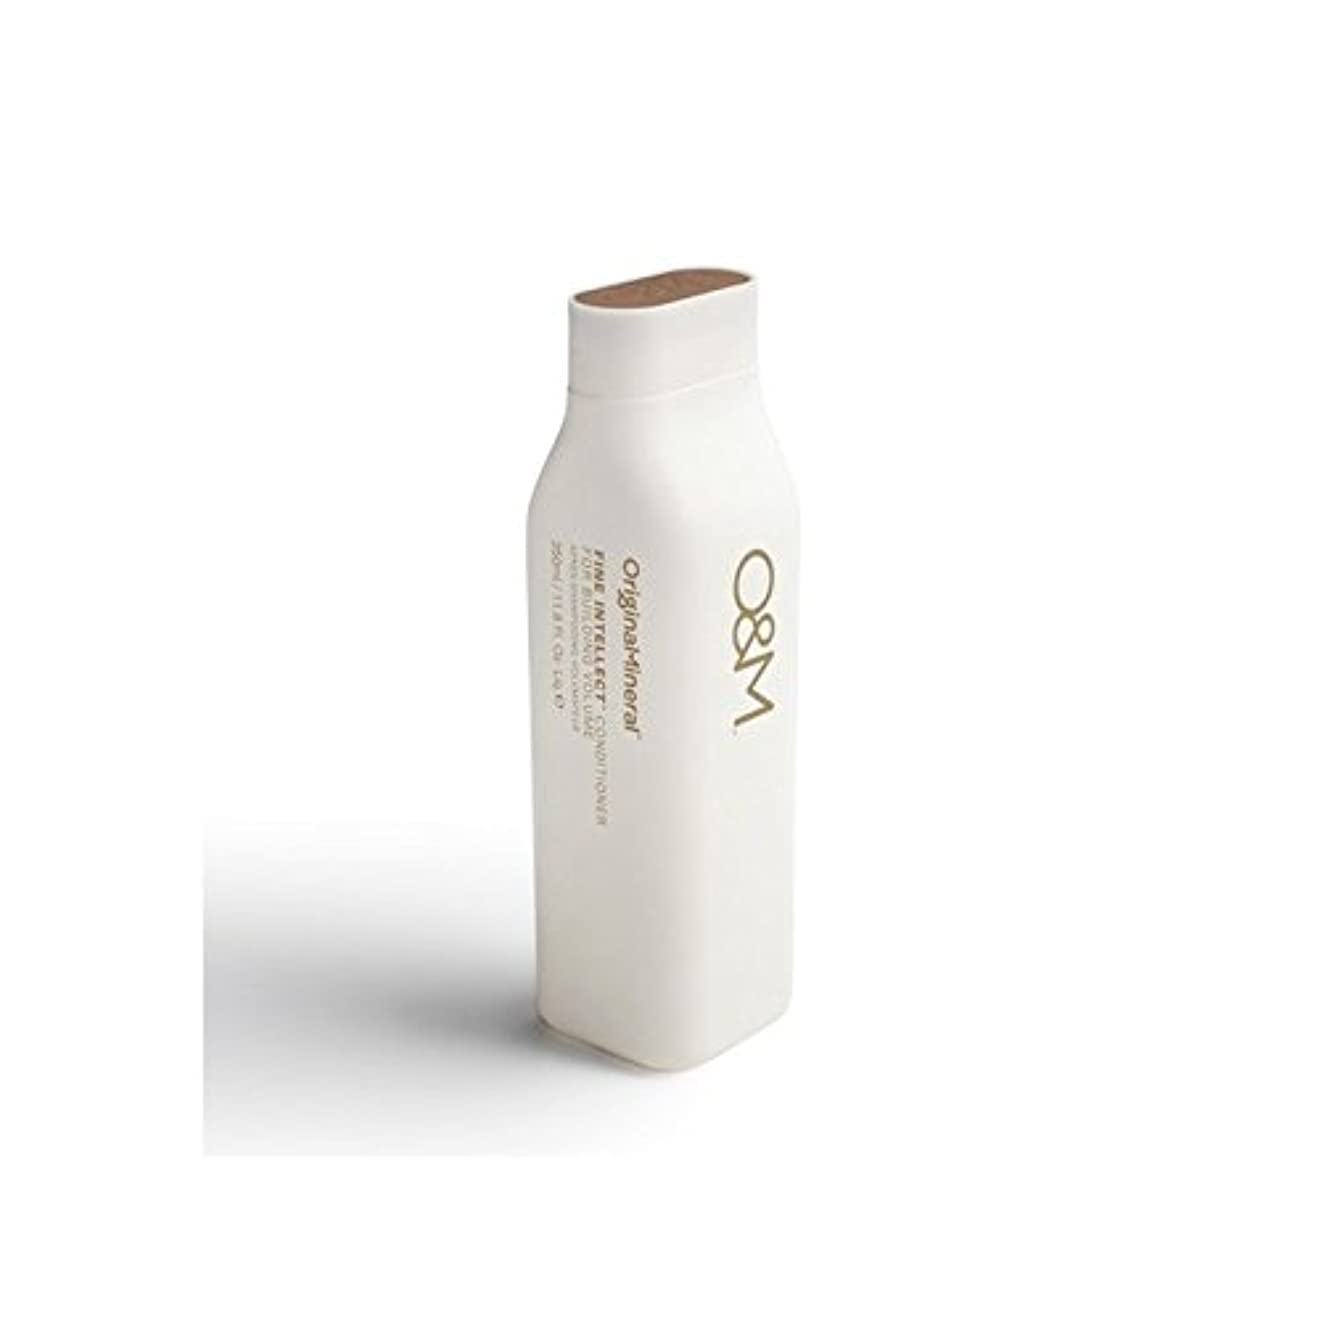 読み書きのできないフィクション阻害するOriginal & Mineral Fine Intellect Conditioner (350ml) (Pack of 6) - オリジナル&ミネラル細かい知性コンディショナー(350ミリリットル) x6 [並行輸入品]